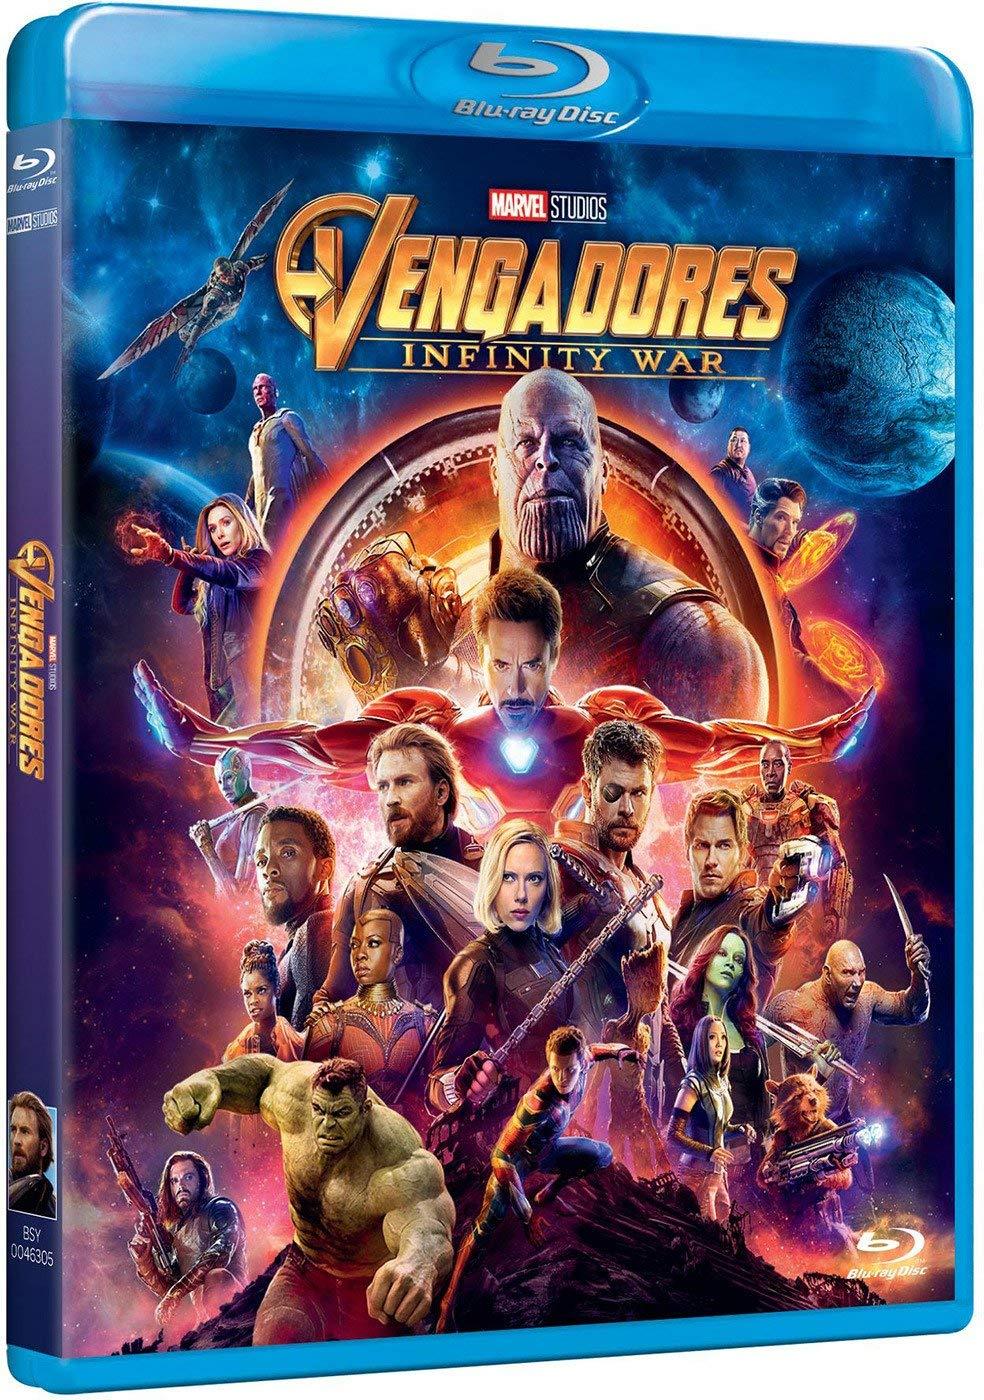 Vengadores Infinity War [Blu-ray] imagen